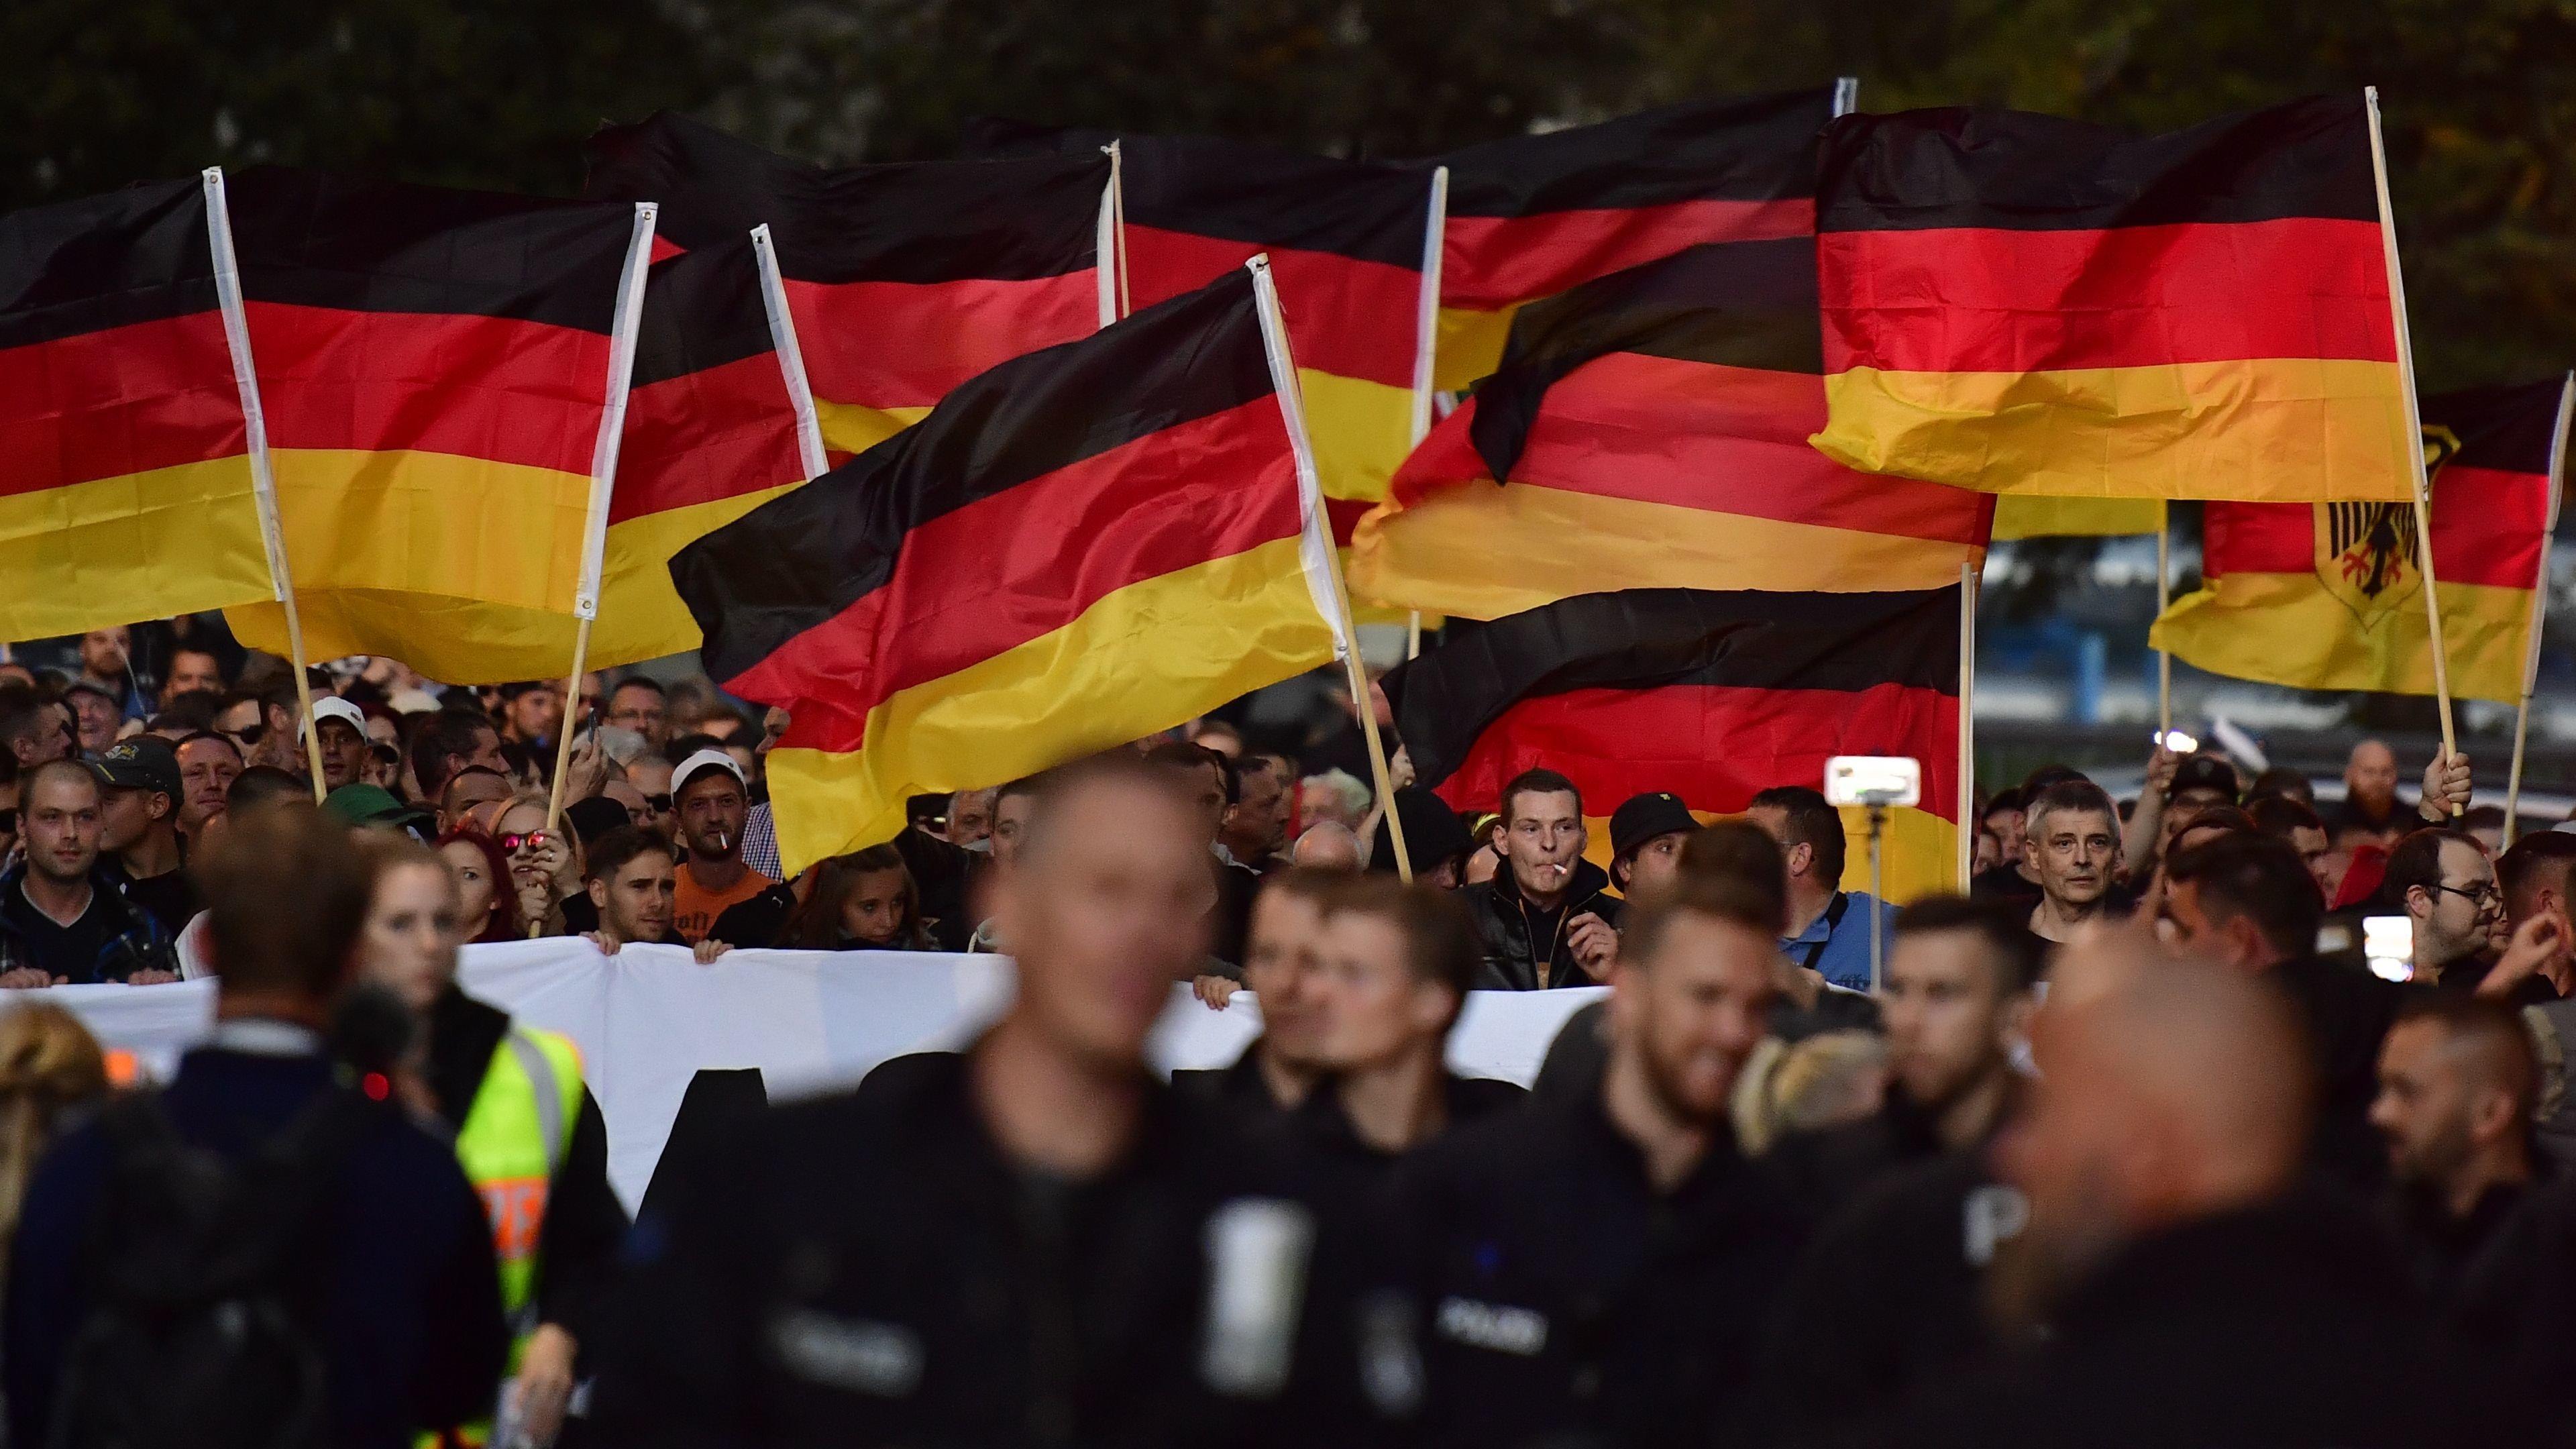 Πώς το AfD κατάφερε να κυριαρχήσει σε Facebook και Twitter και να κερδίσει